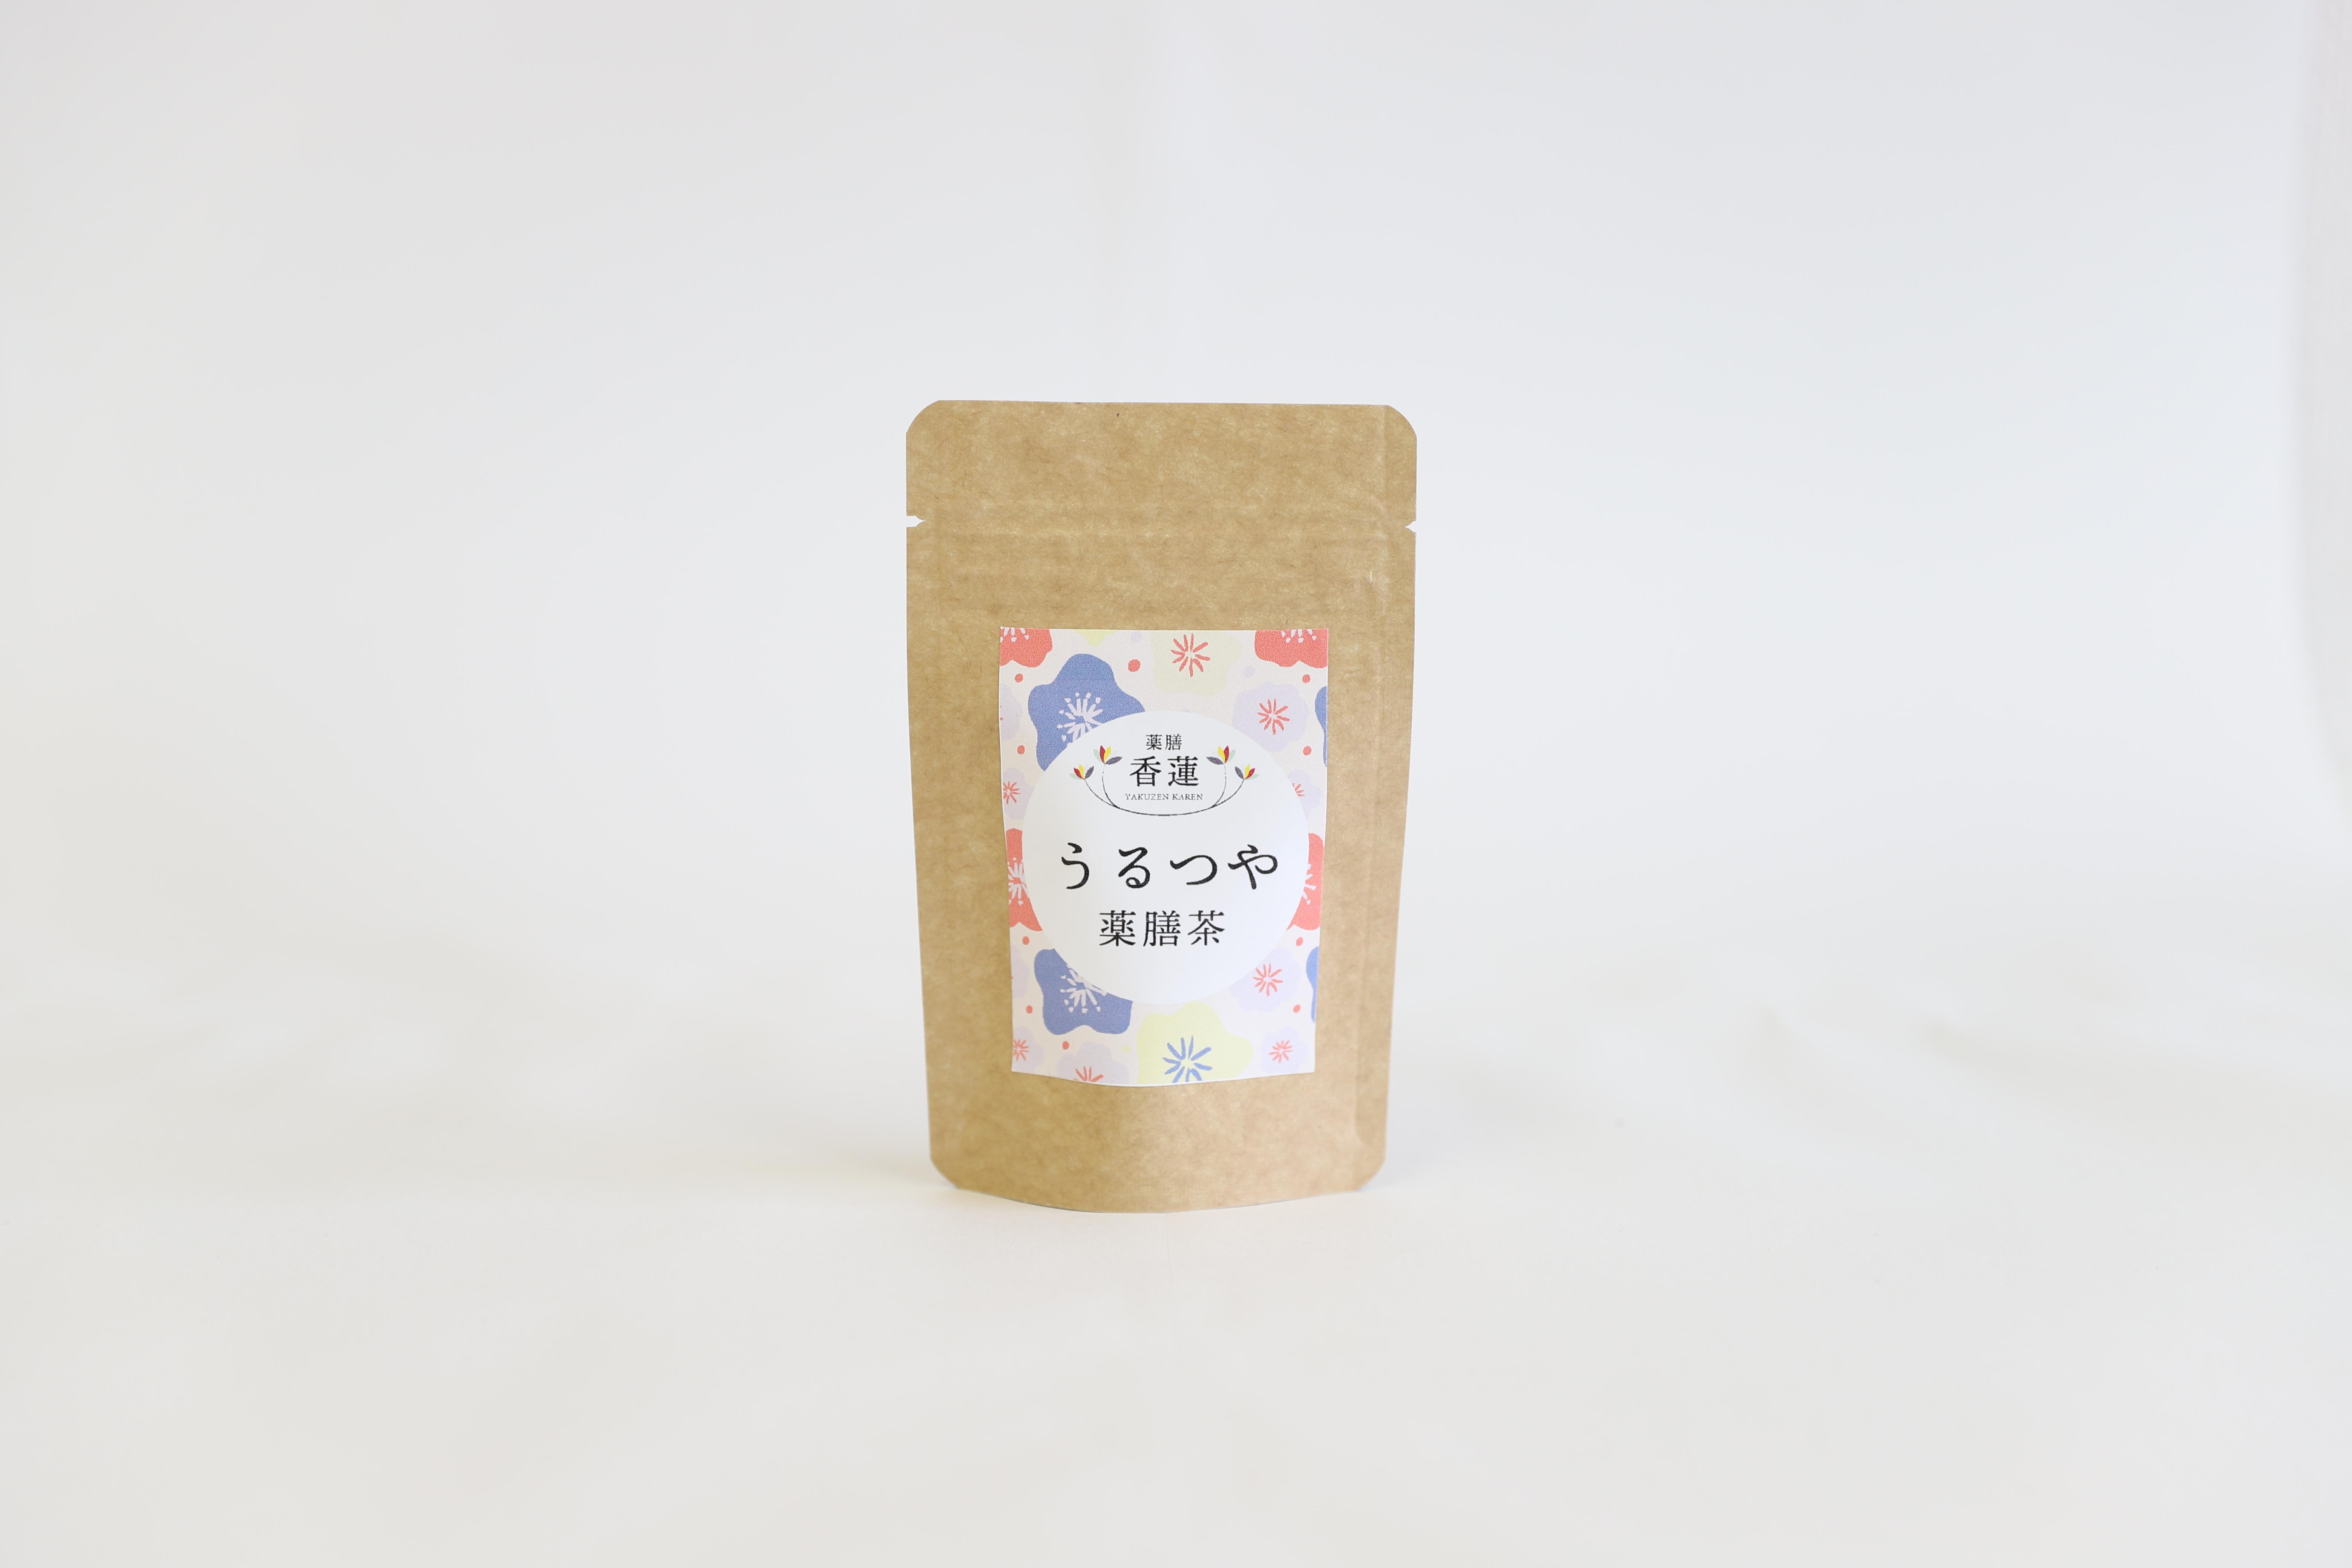 うるつや薬膳茶 ティーパック3包入り